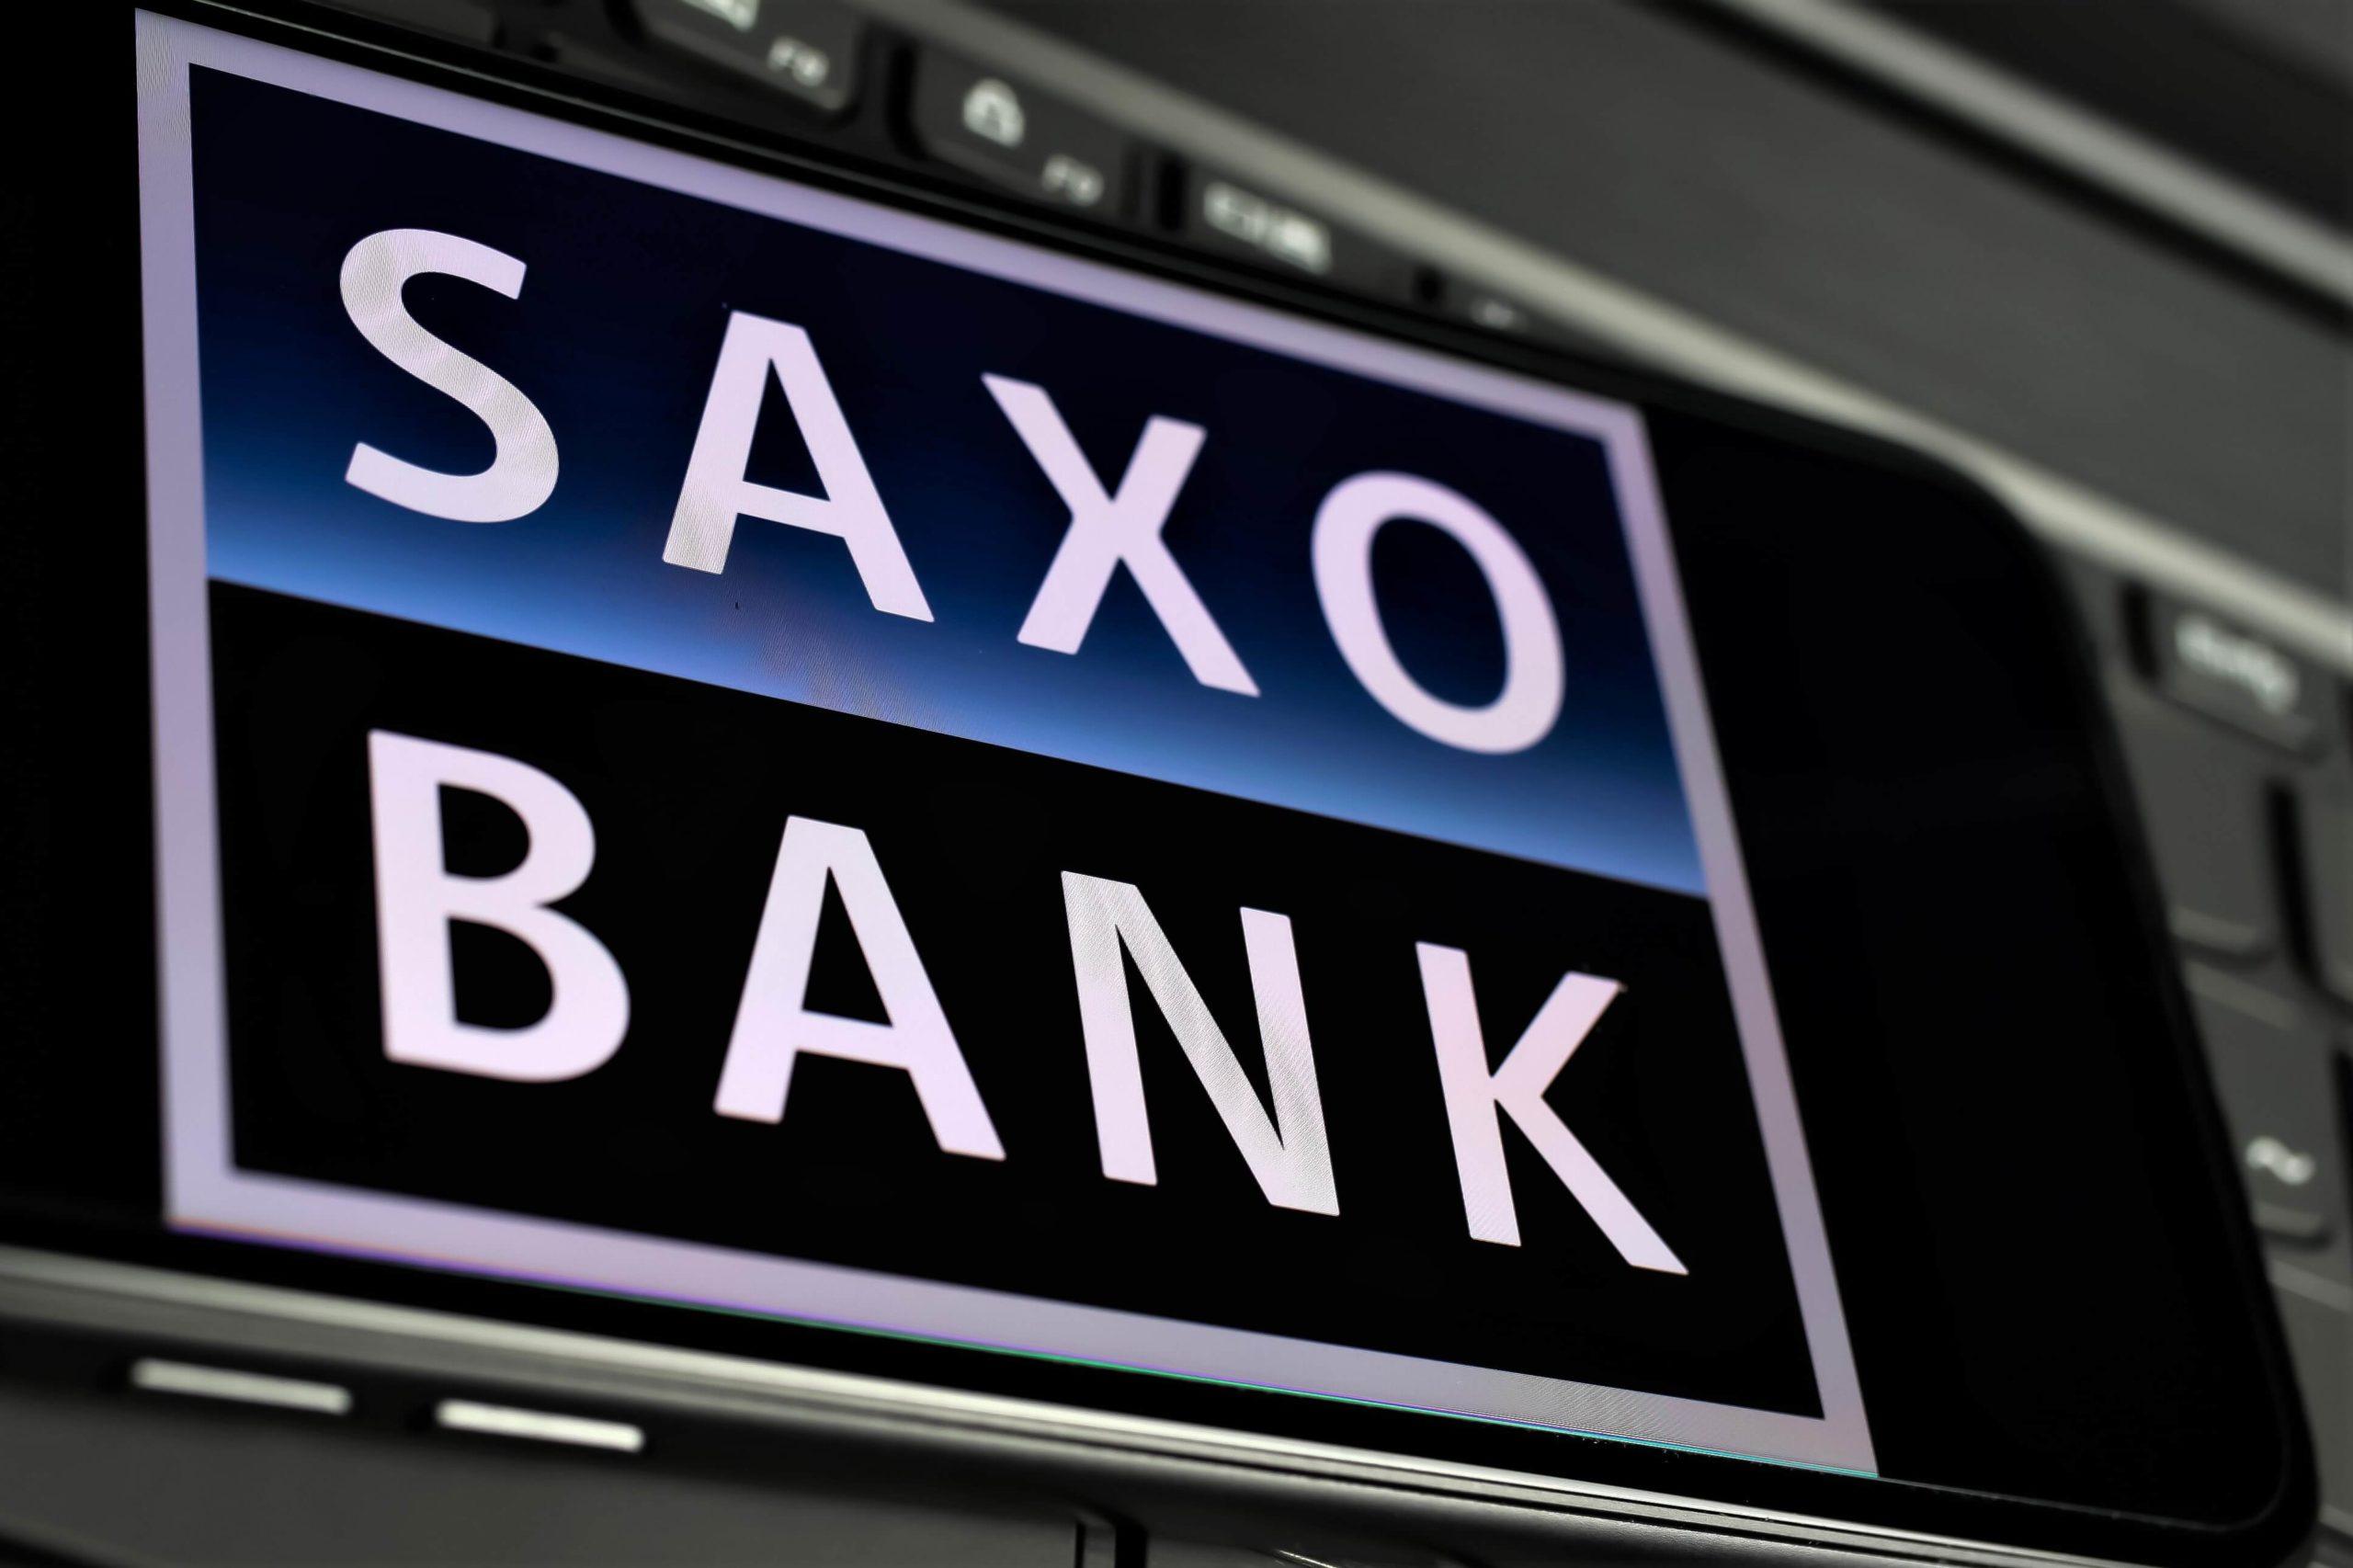 Saxo Bank lancia una nuova offerta cripto, nuovo partner per Ripple + Altre notizie